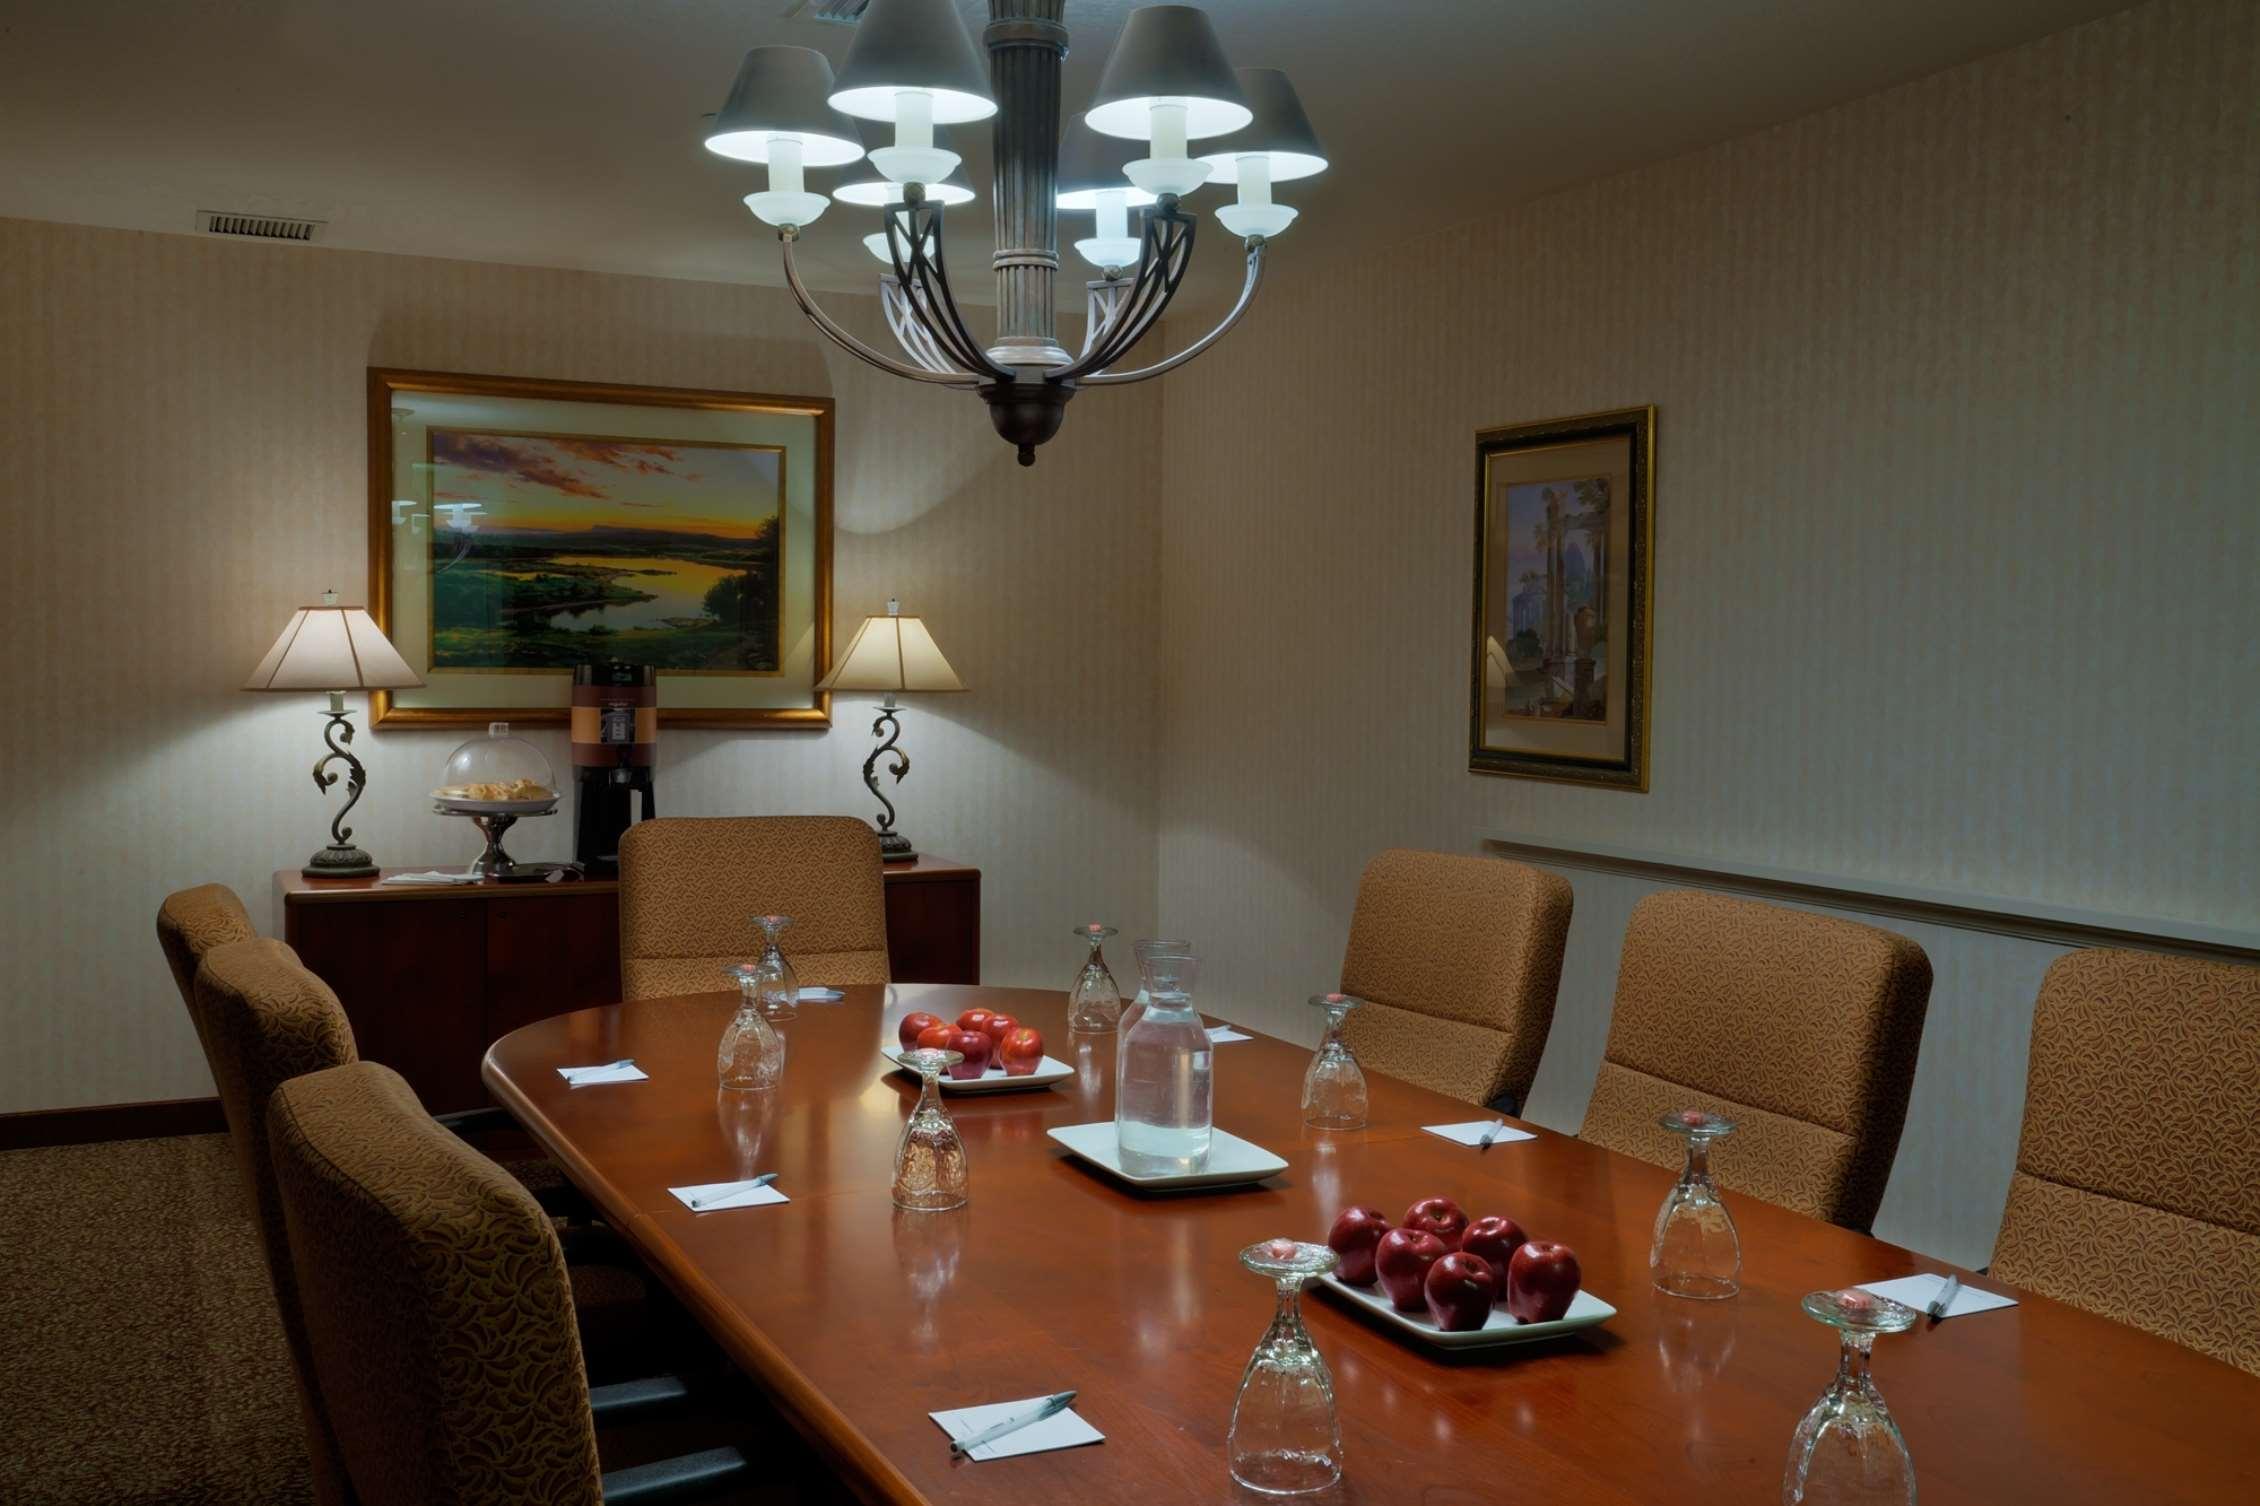 Hampton Inn & Suites Salt Lake City Airport image 20